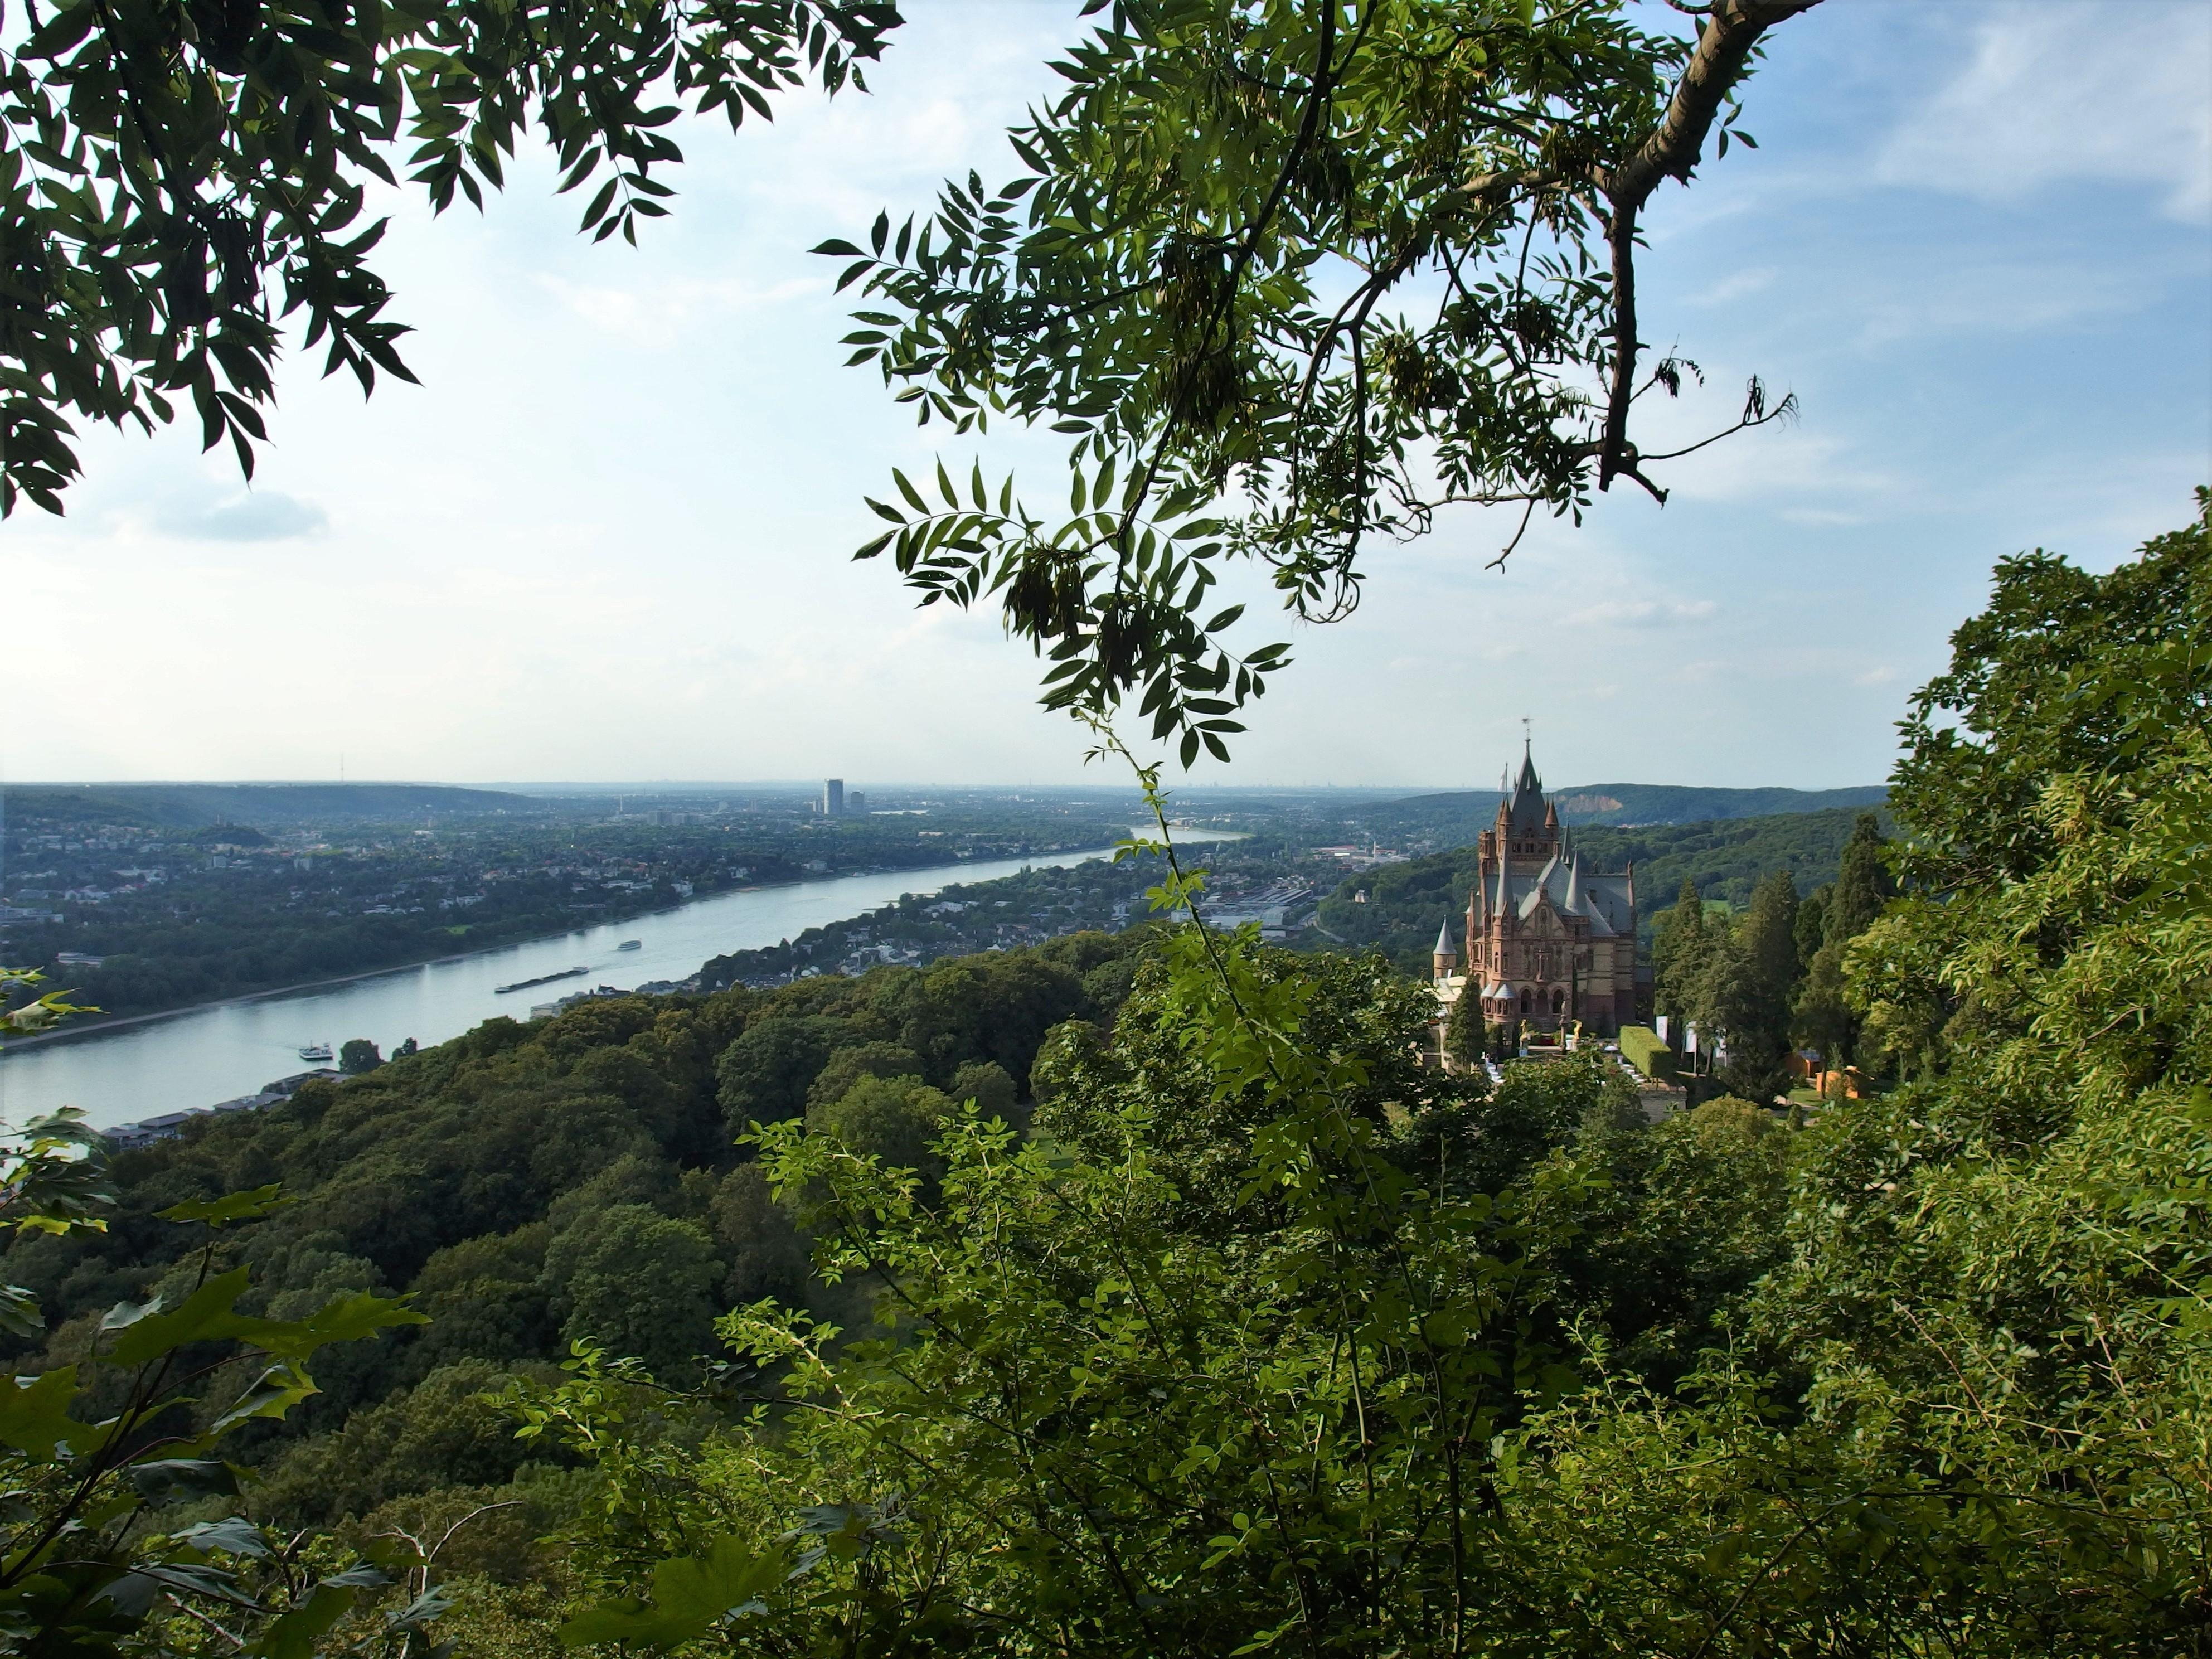 Uitzicht op de berg bij kasteel Drachenfels, vlakbij Bonn (Foto: Meeke Roet)